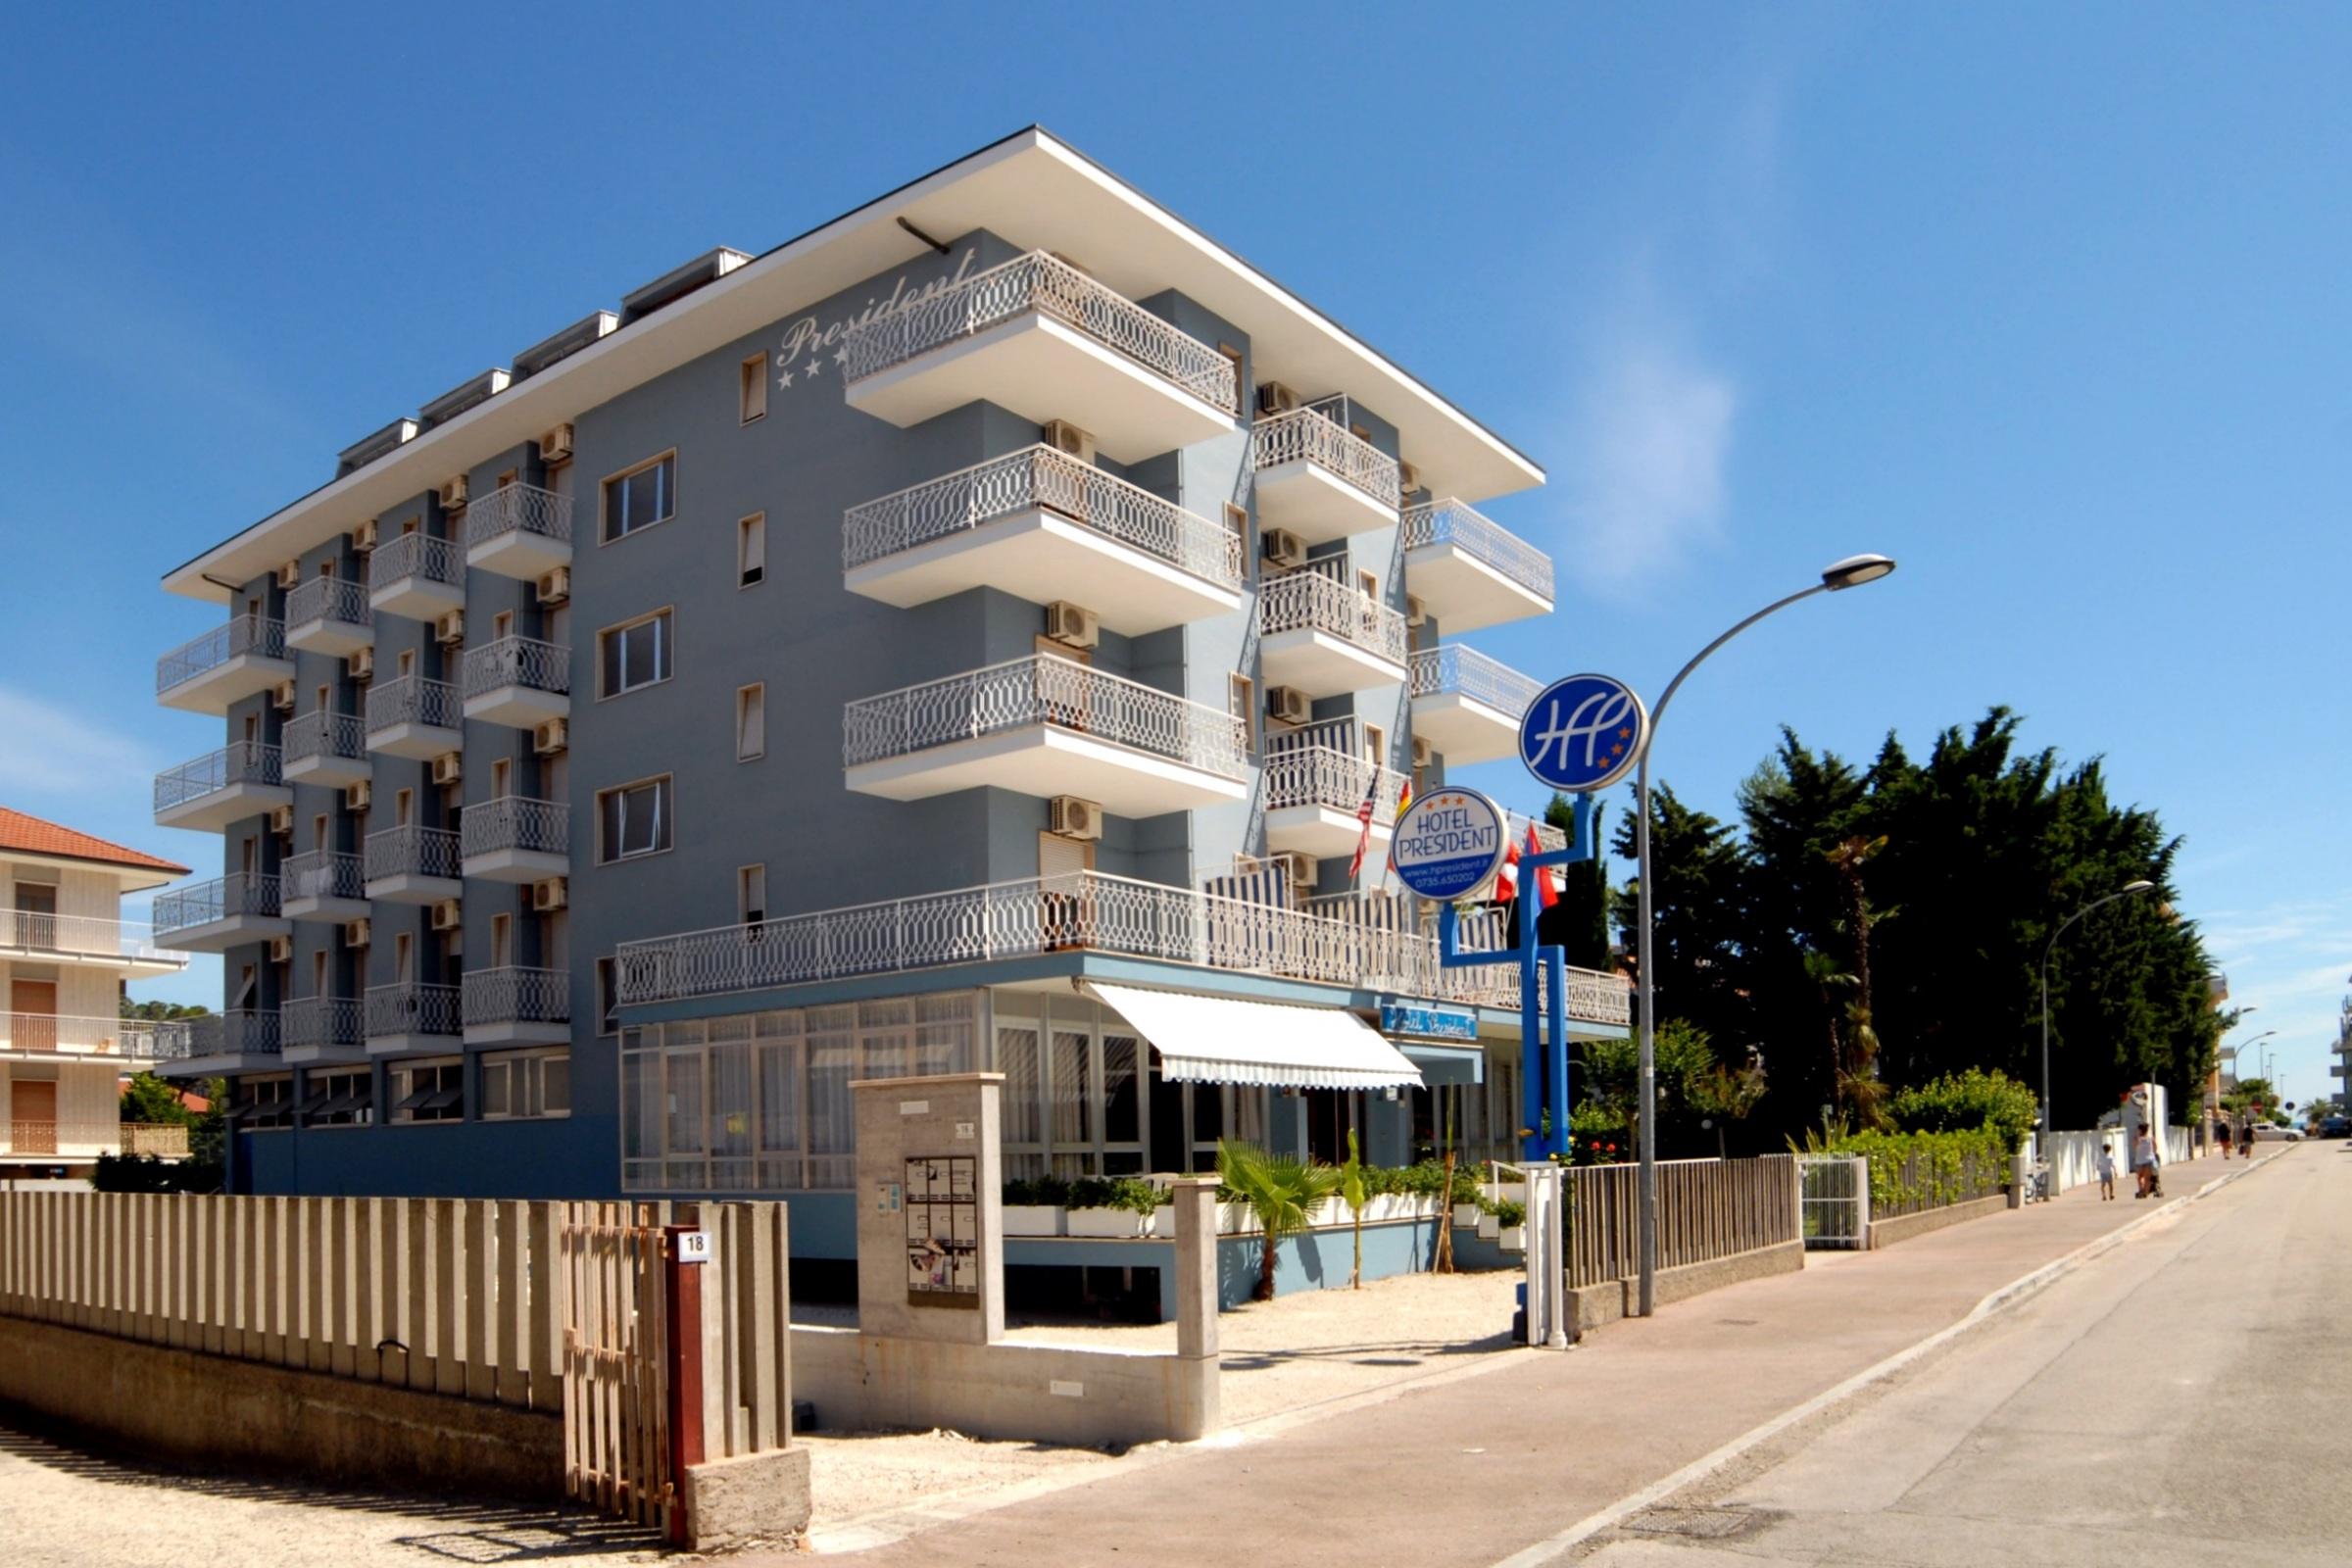 hotel-san-benedetto-del-tronto-DSC_8106-1